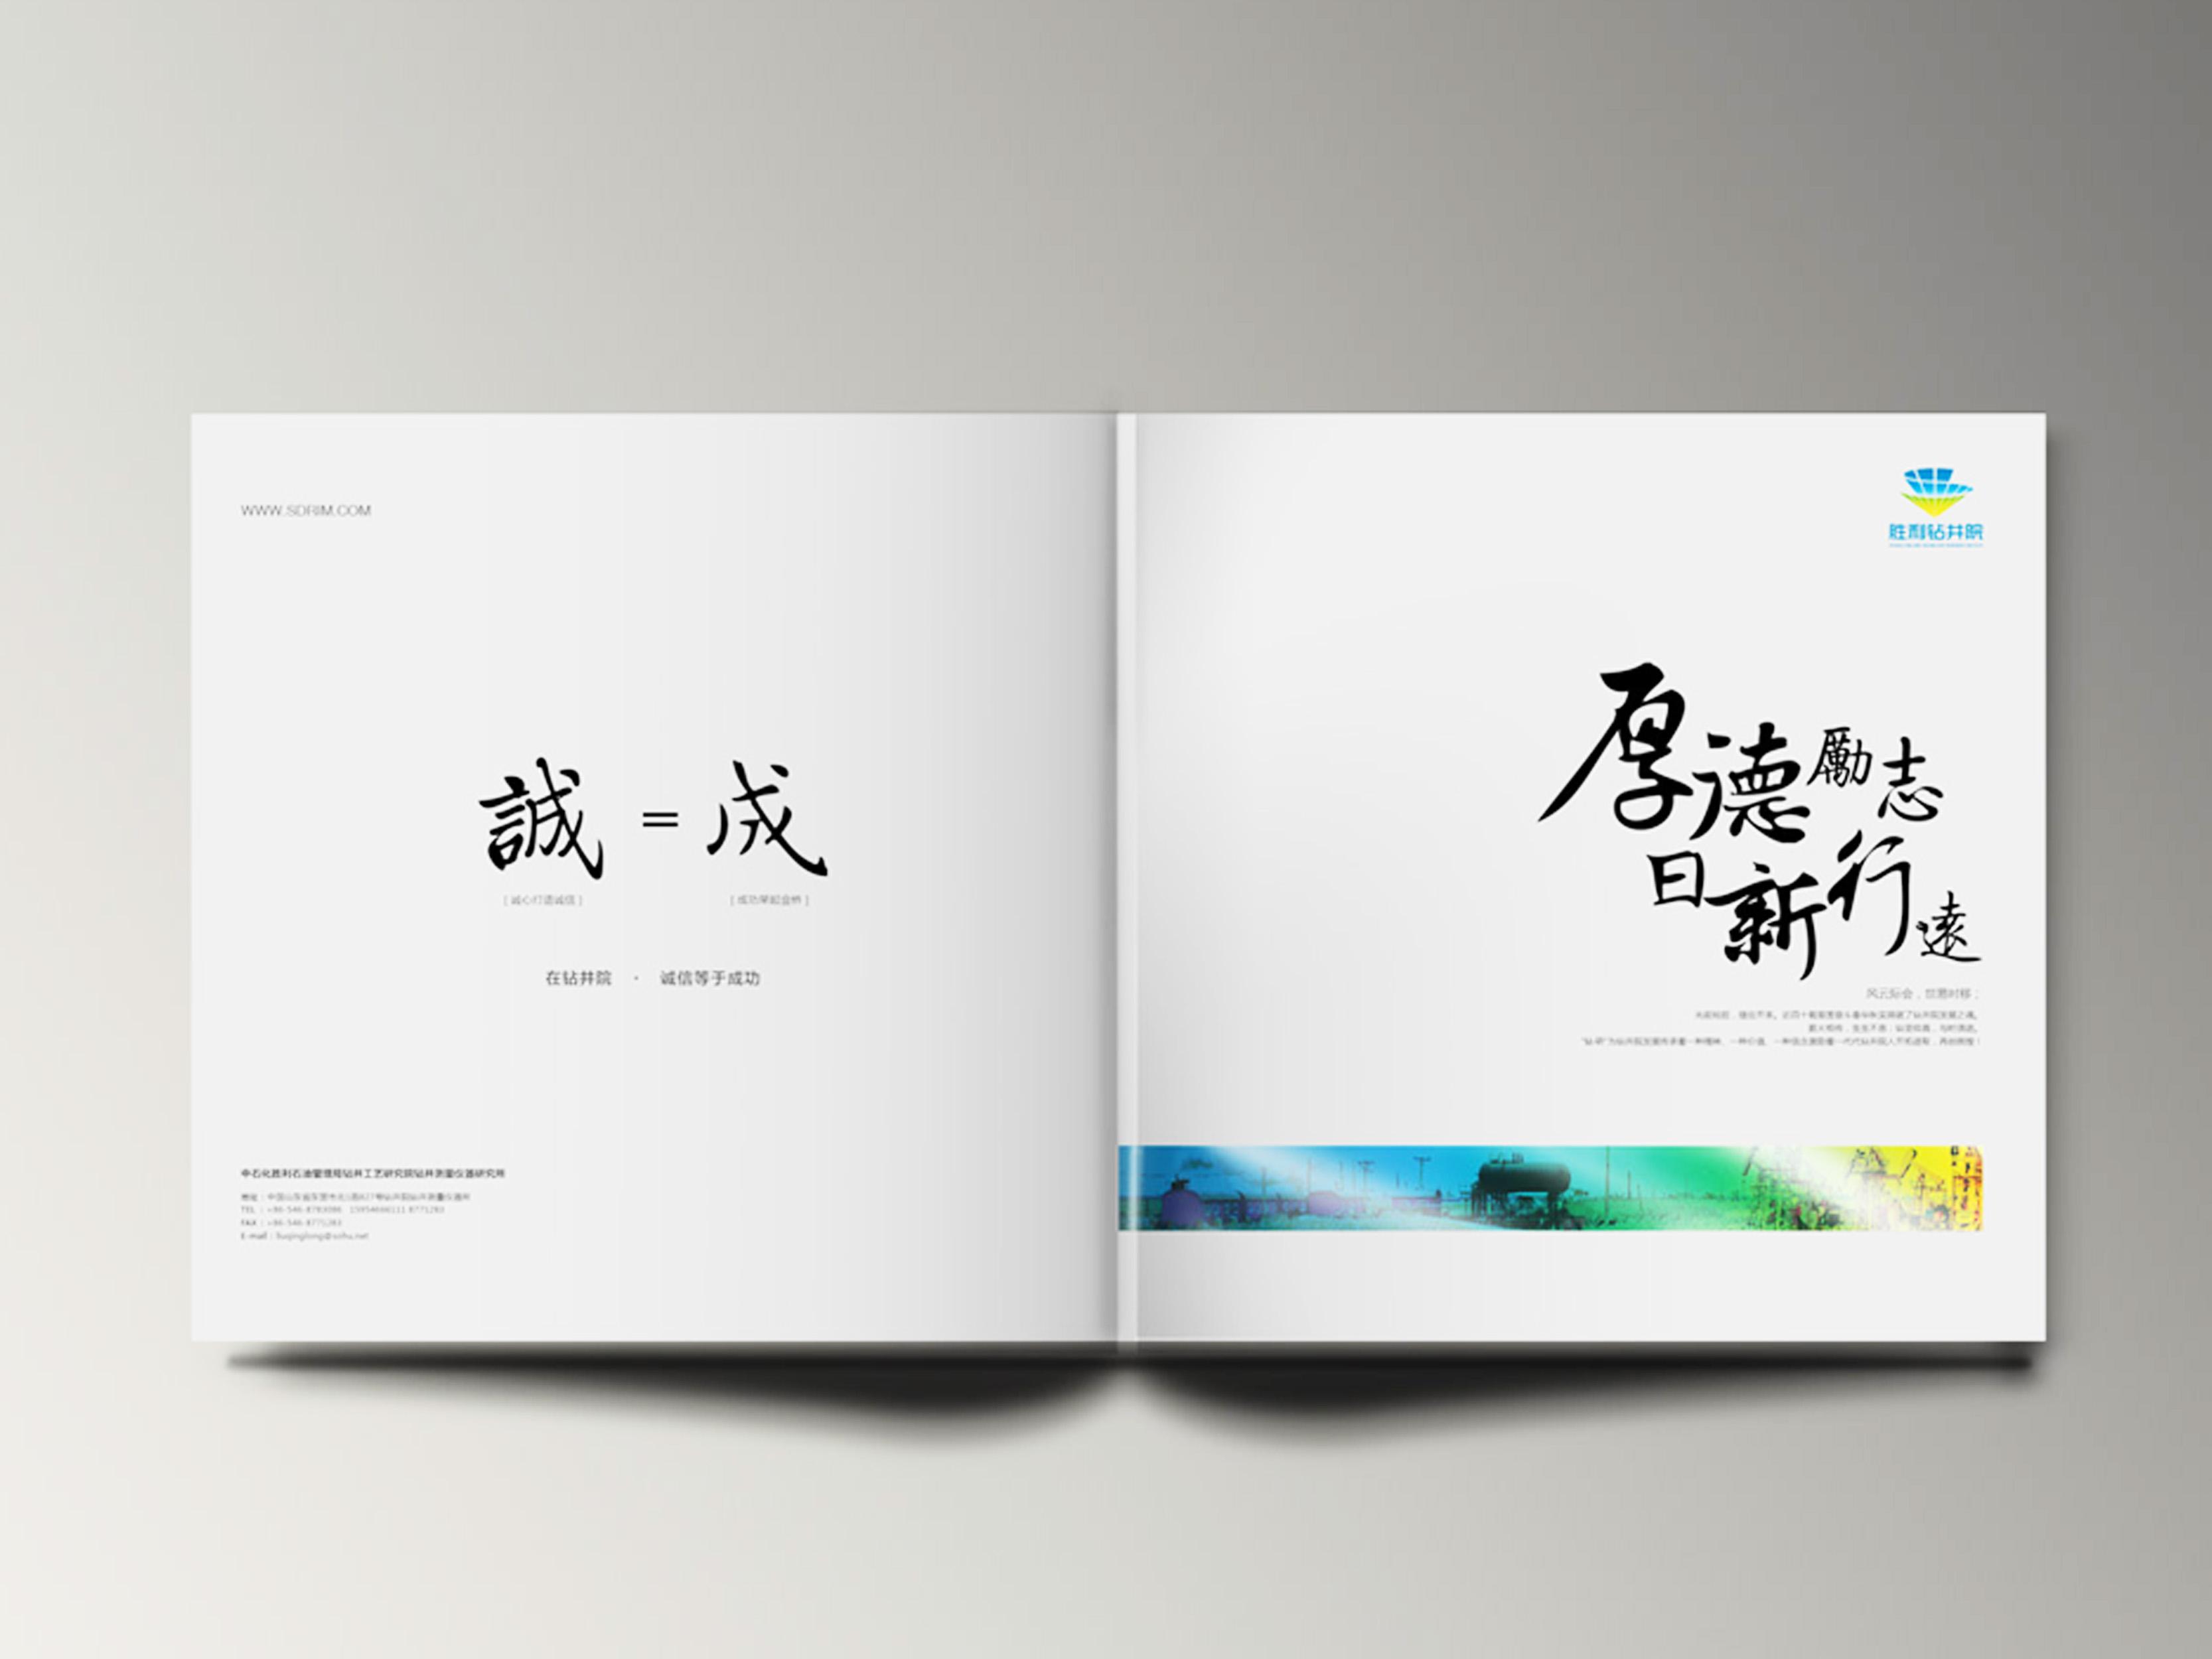 胜利钻井画册亚博网站登录